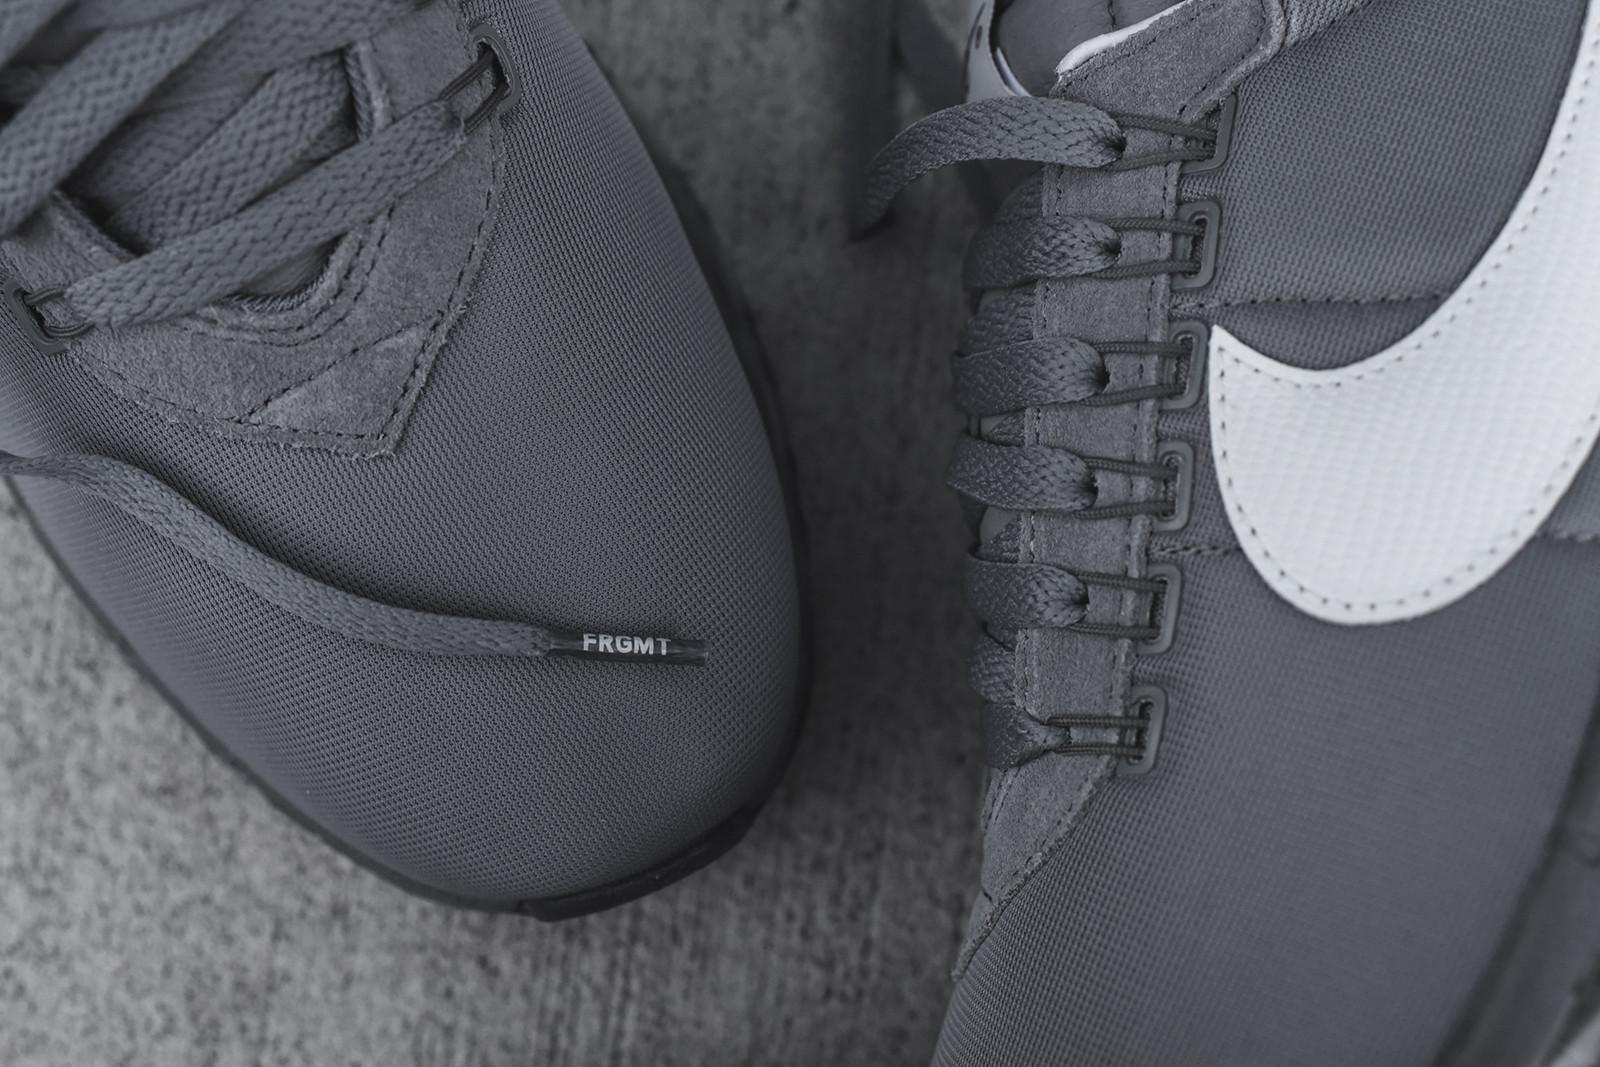 e1ad20a6045f Fragment Nike Air Max LD Zero 885893-002 Toe Detail